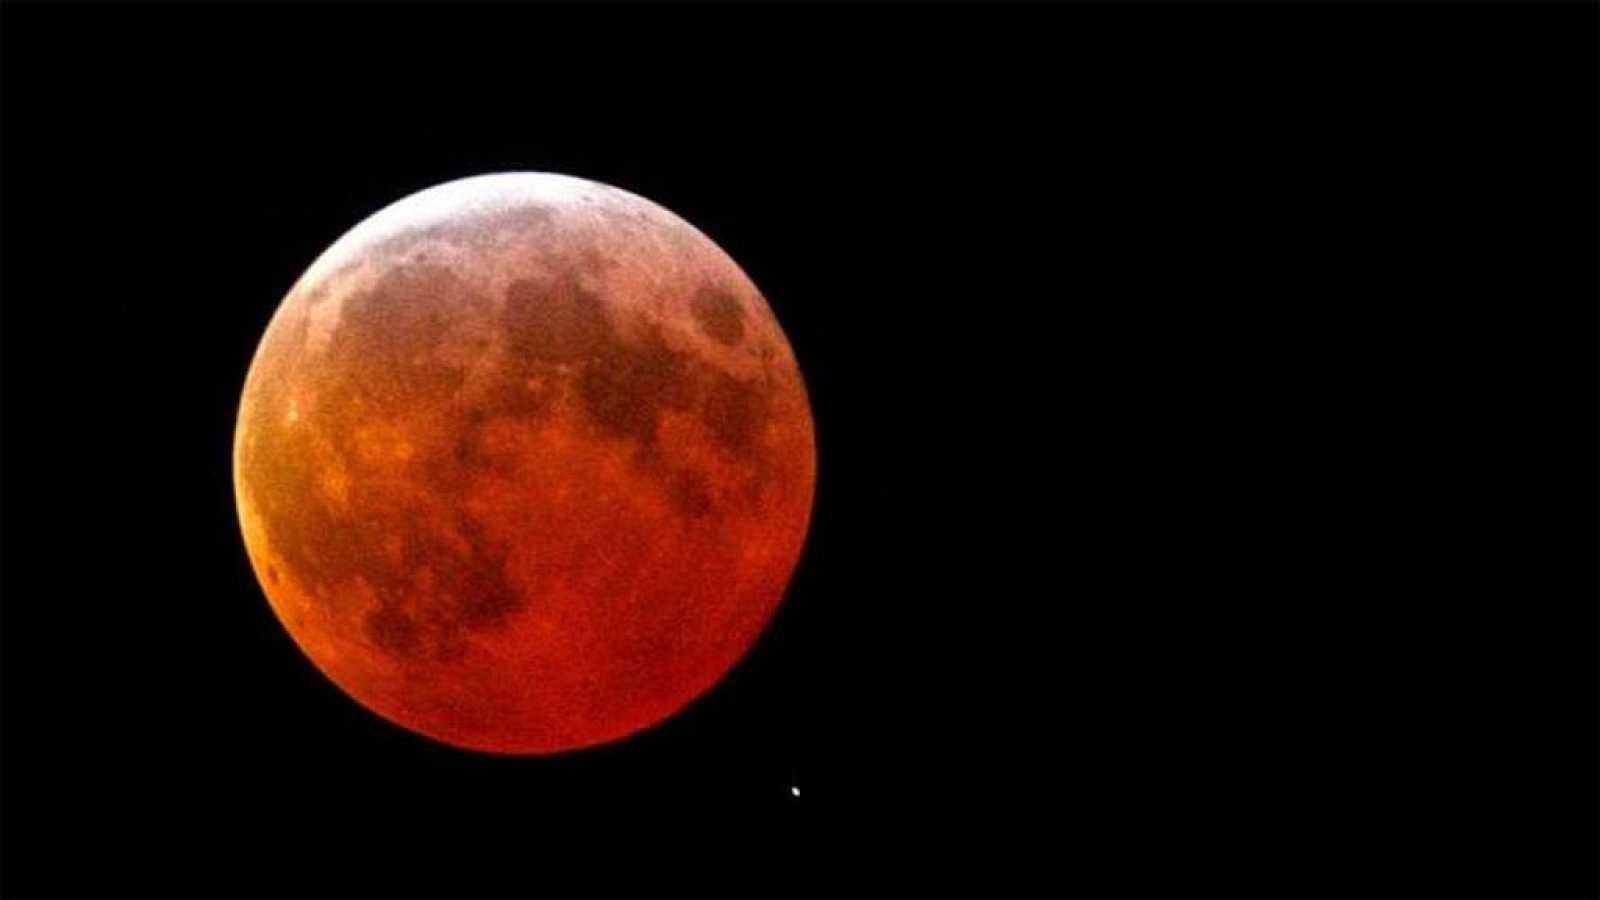 Un eclipse parcial de Luna se producirá este lunes 7 de agosto a las 19:22 -hora peninsular- y terminará a las 21:17, pero tendrá poca visibilidad en España, aunque en Canarias se podrá observar mejor en su fase final, ha informado a Efe el Observato